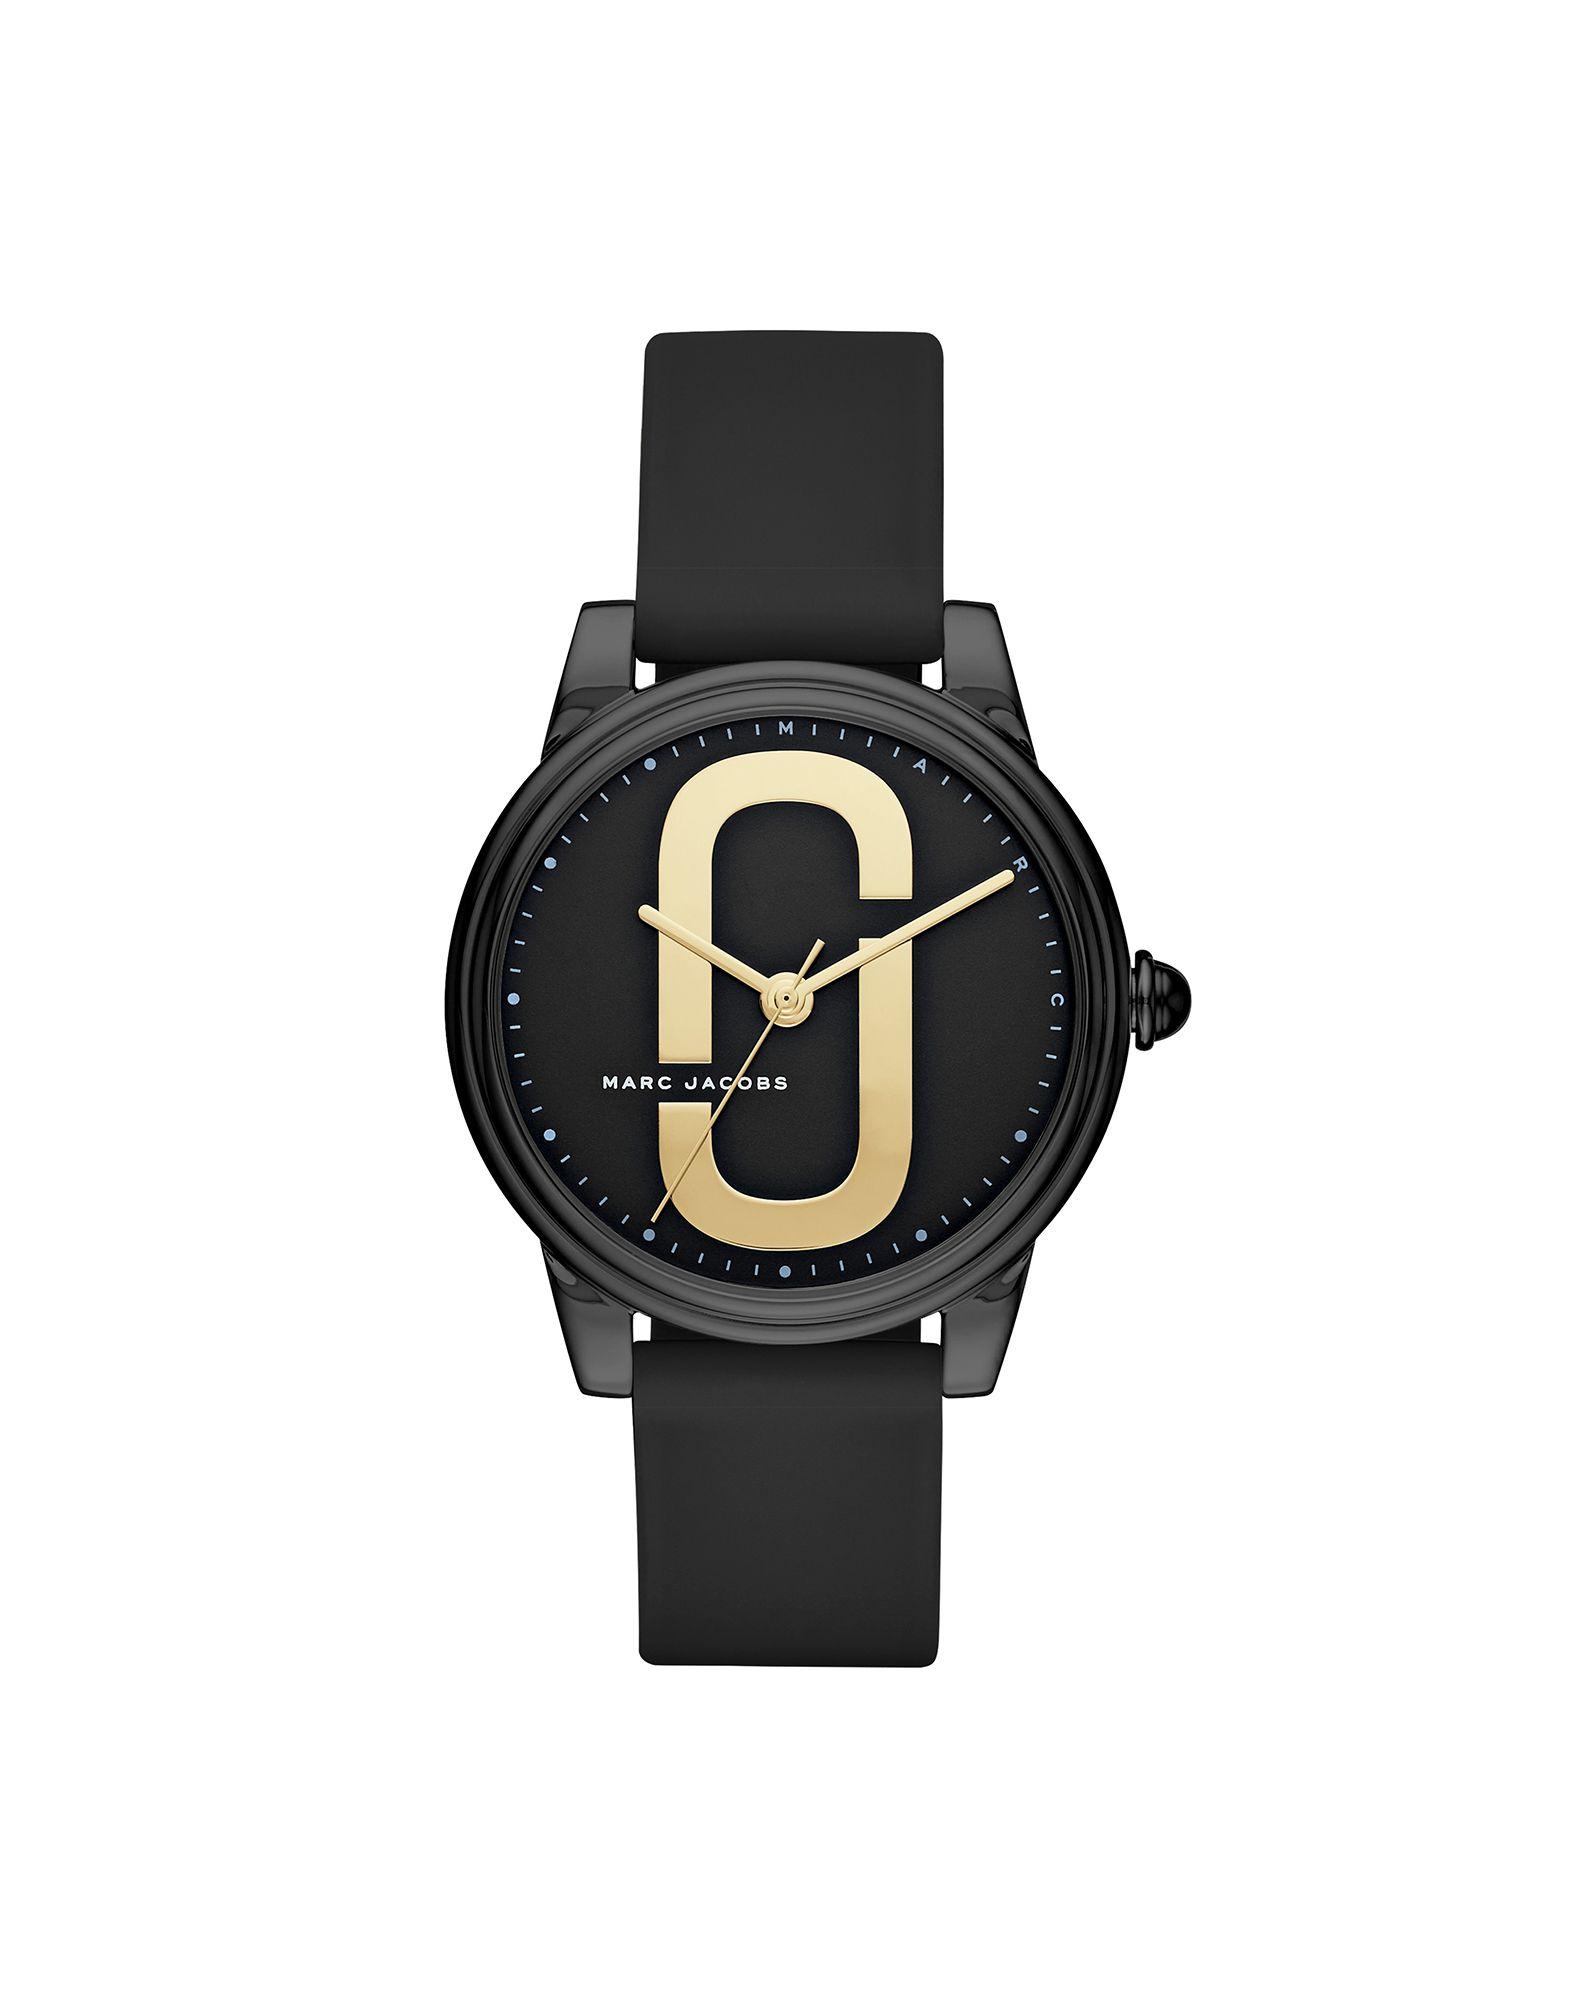 レディース MARC JACOBS CORIE 腕時計 ブラック